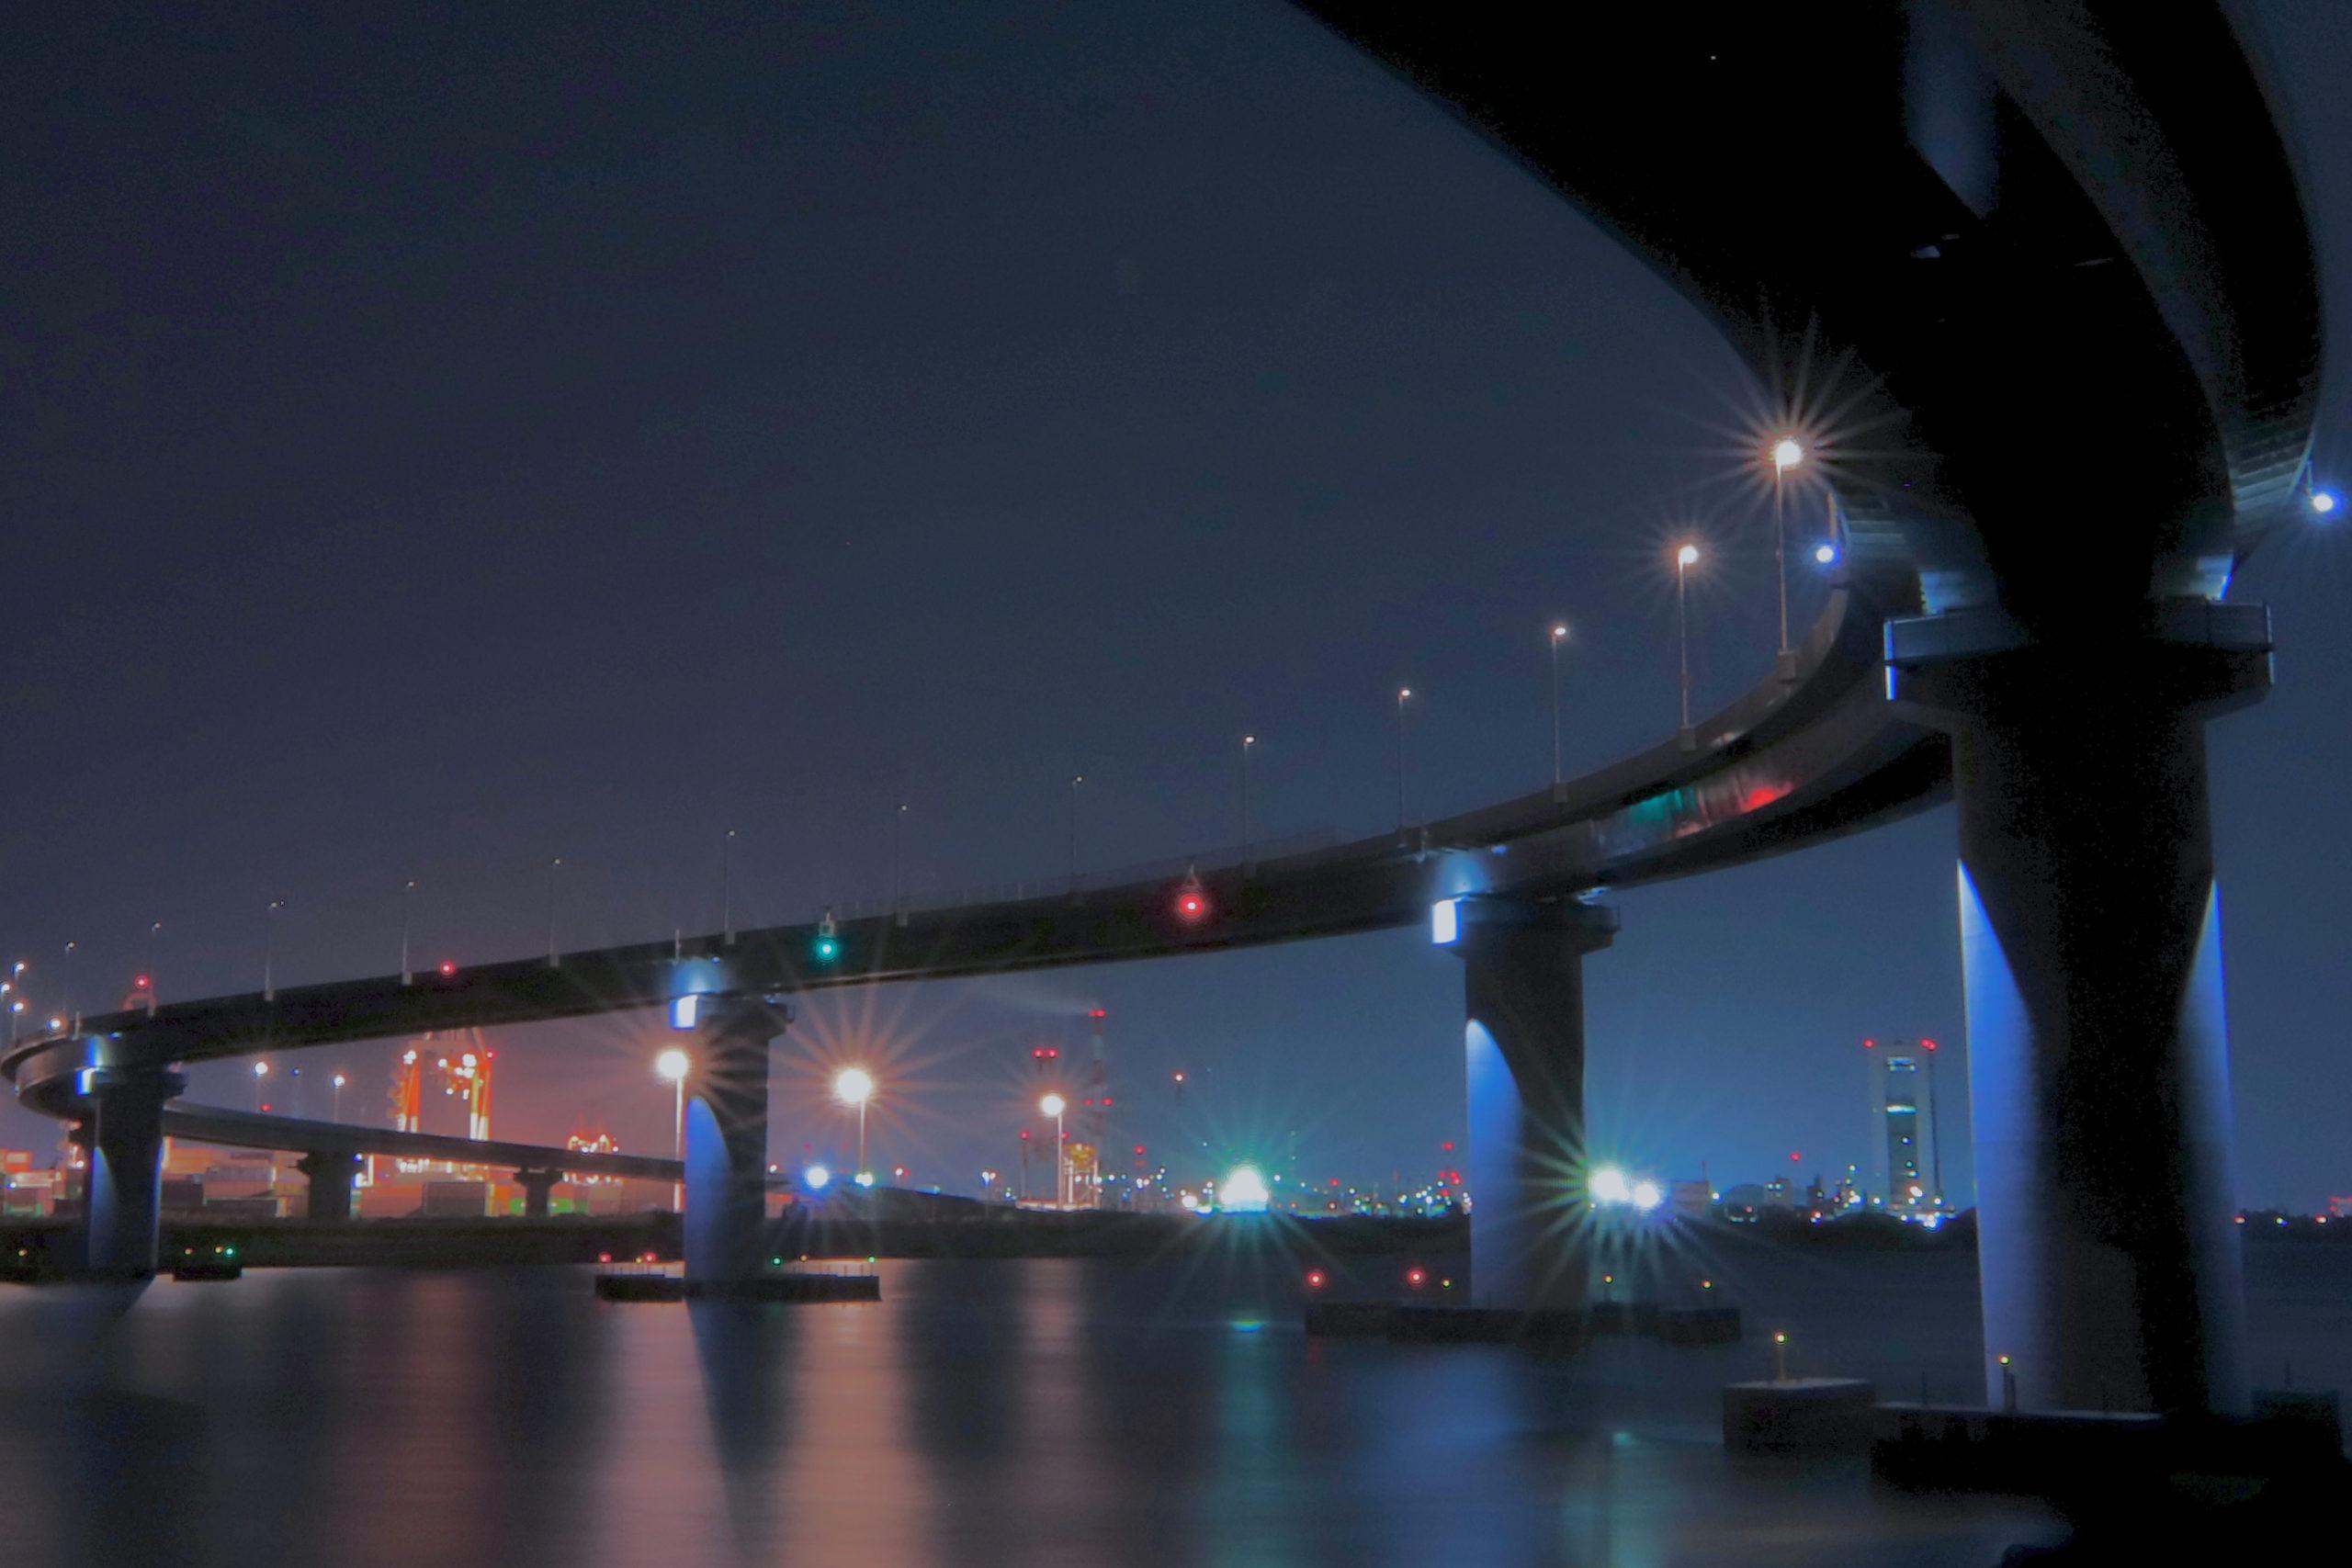 2018年4月に開通した霞4号幹線(四日市・いなばポートライン)は美しいS字カーブの夜景が人気の撮影スポットです。